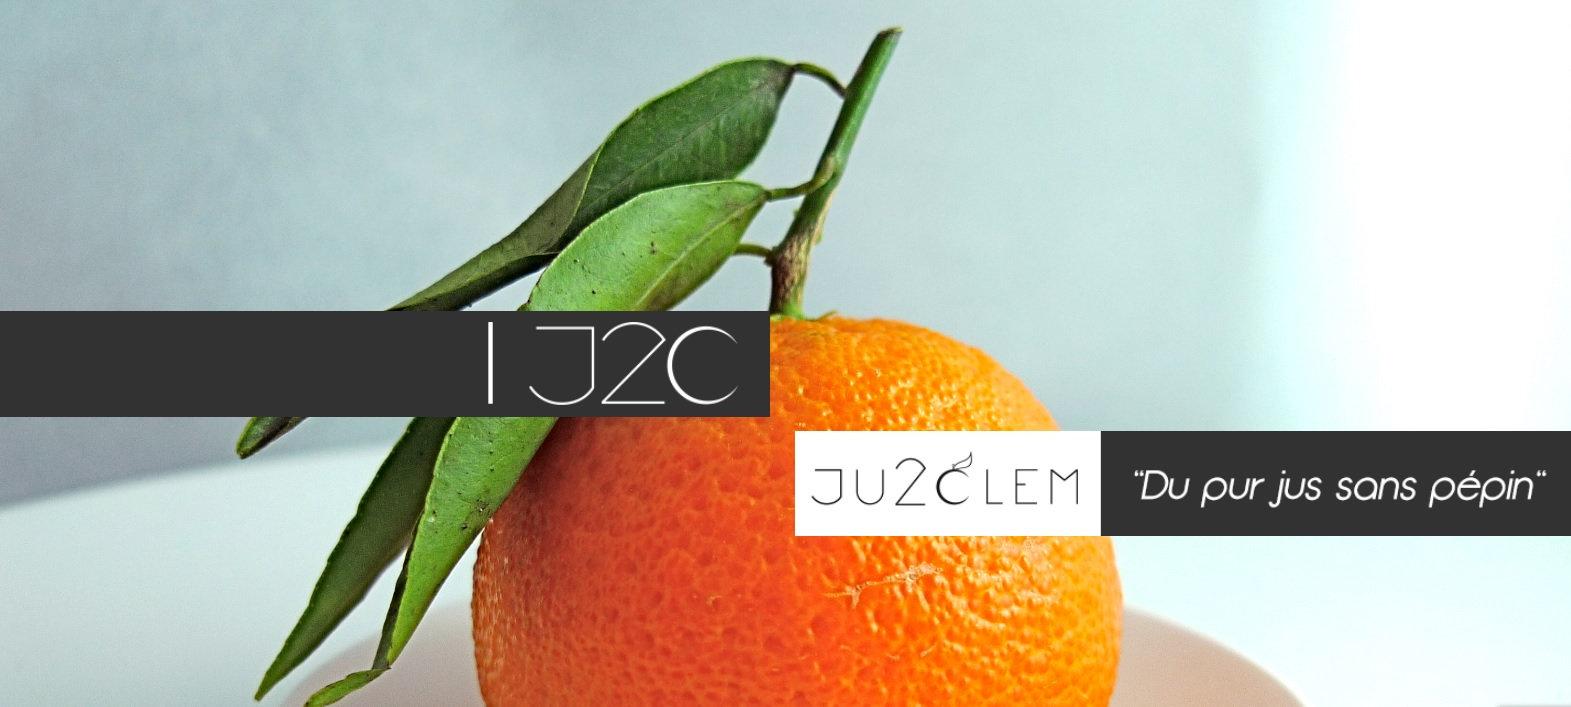 ju2clem.jpg